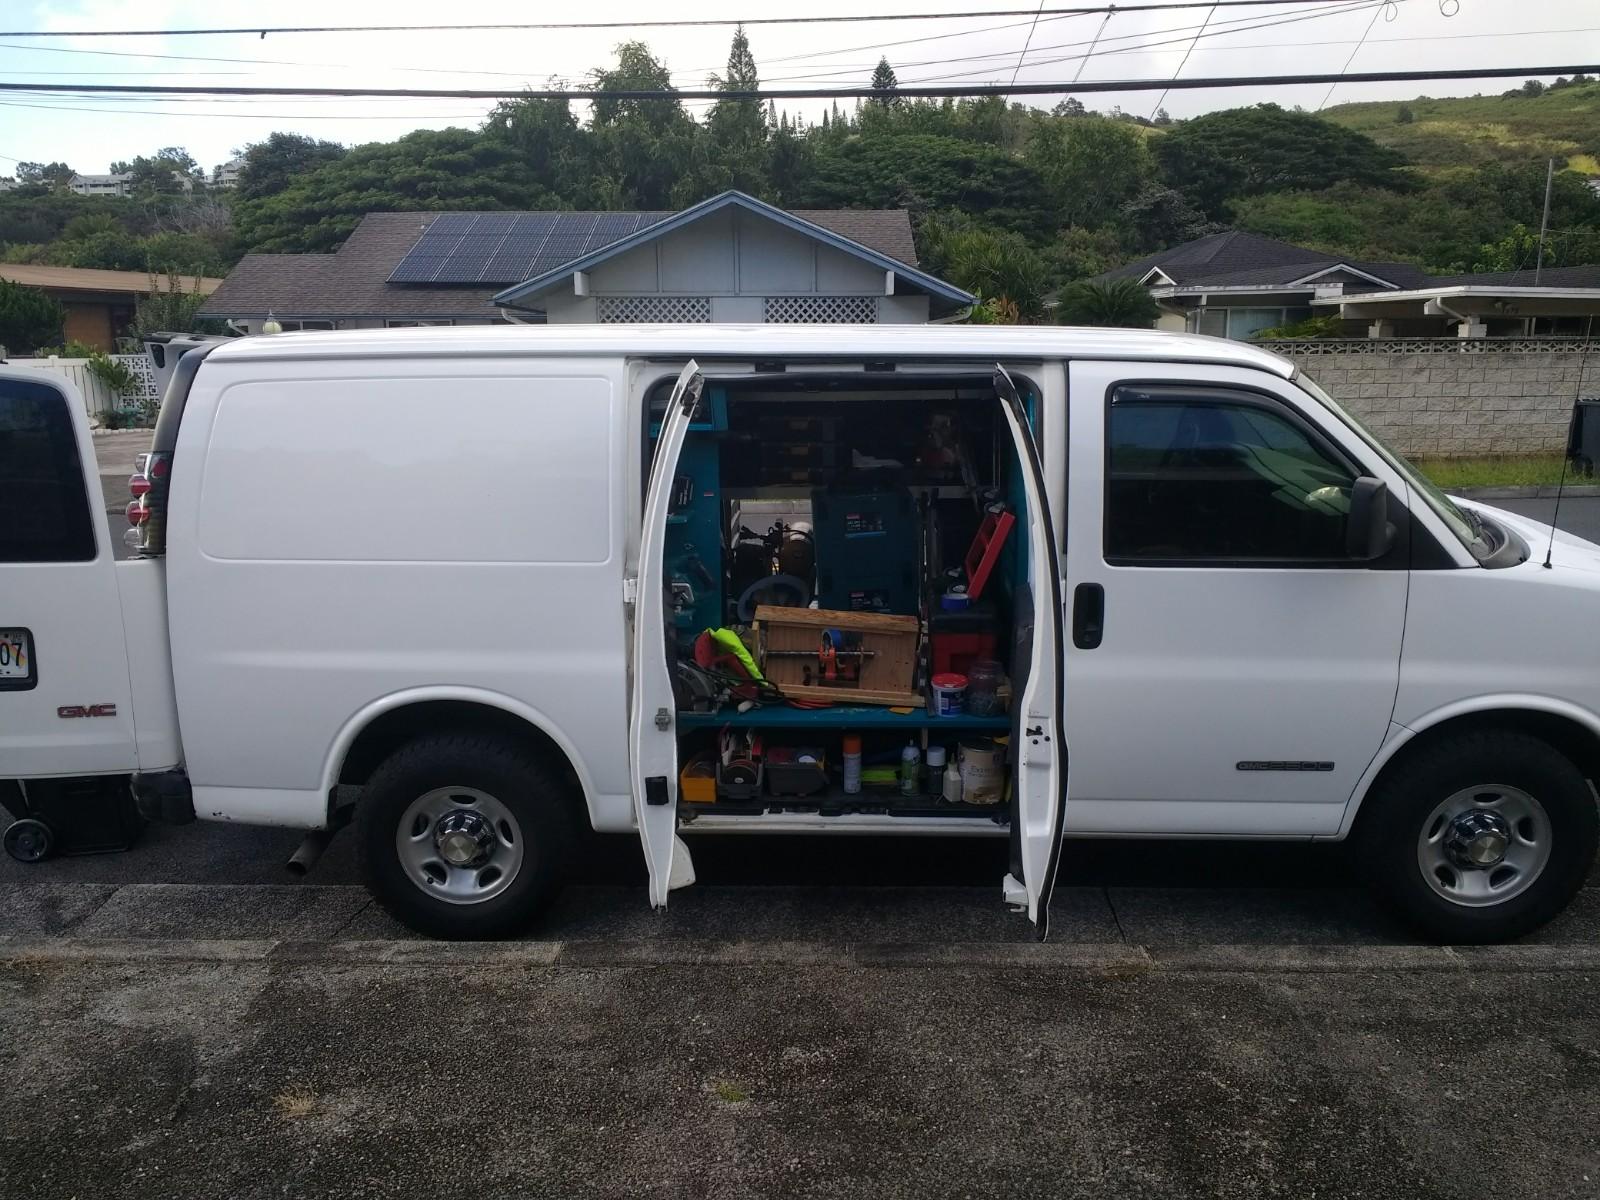 Post your work truck/van thread-img_20181221_155735335.jpg